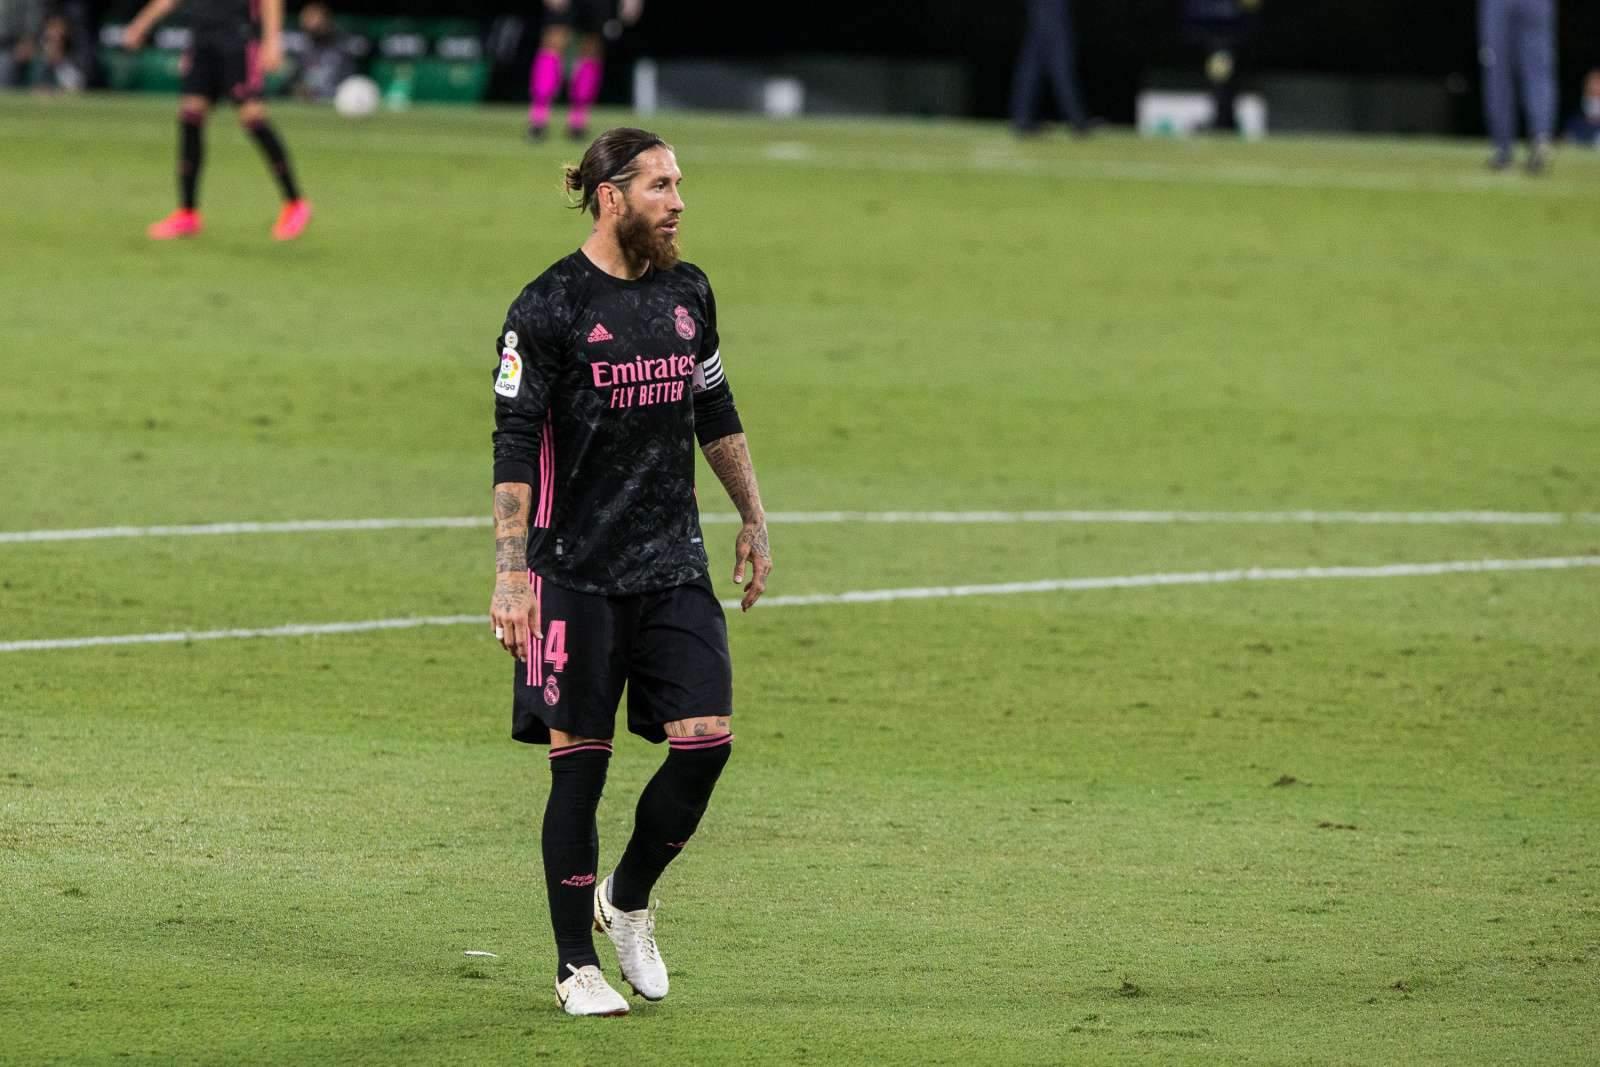 Скандал разгорается: ВАР подсказывал арбитру матча «Барселона» - «Реал», что пенальти на Рамосе не было